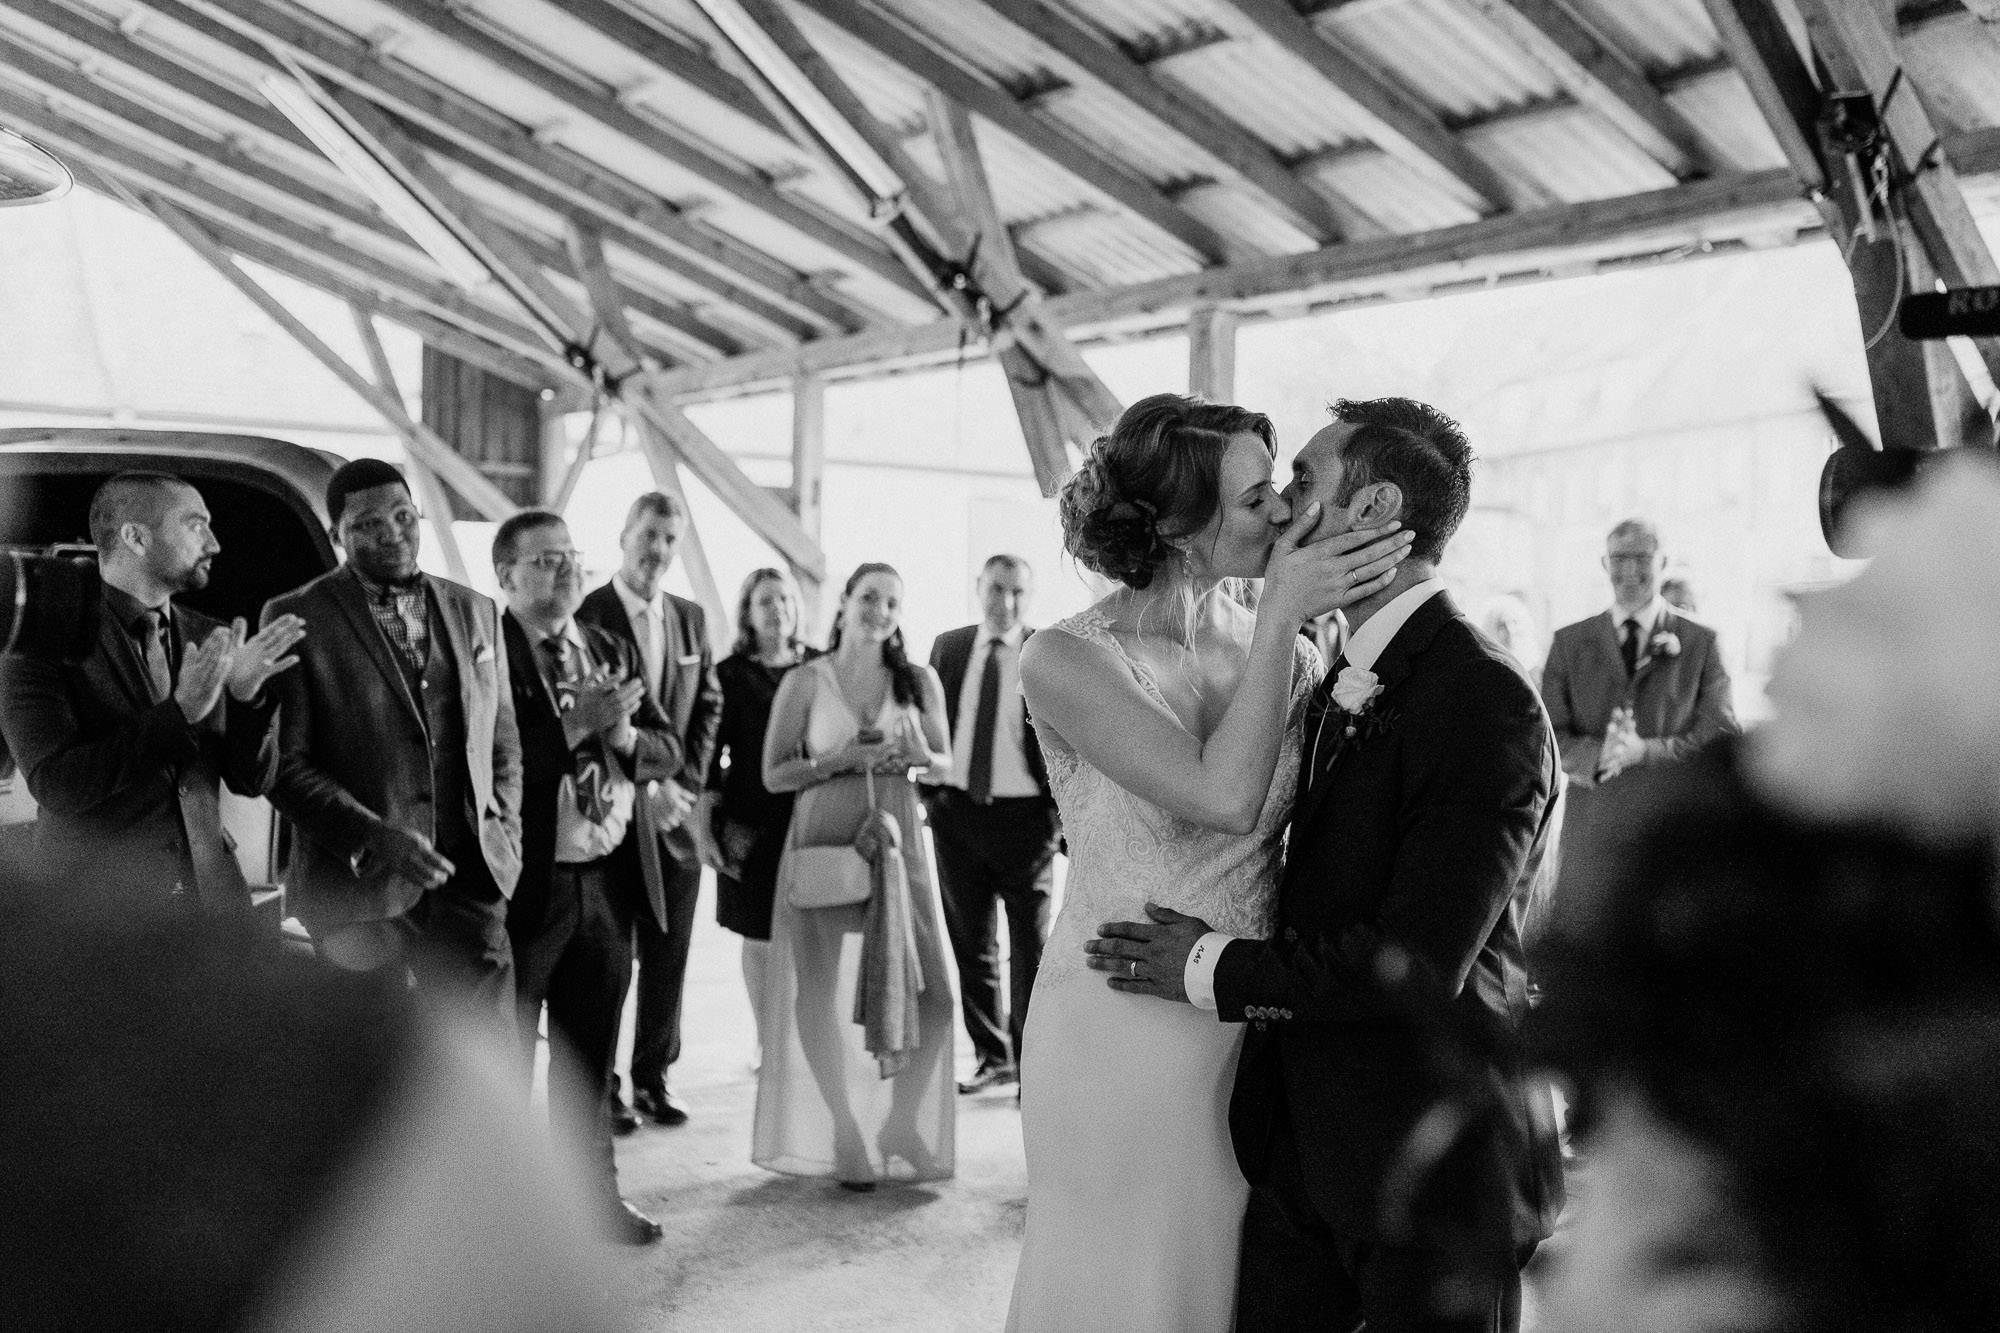 rustic-elegant-wedding-schloss-hochzeit-eyrichshof-franken-bamberg-123